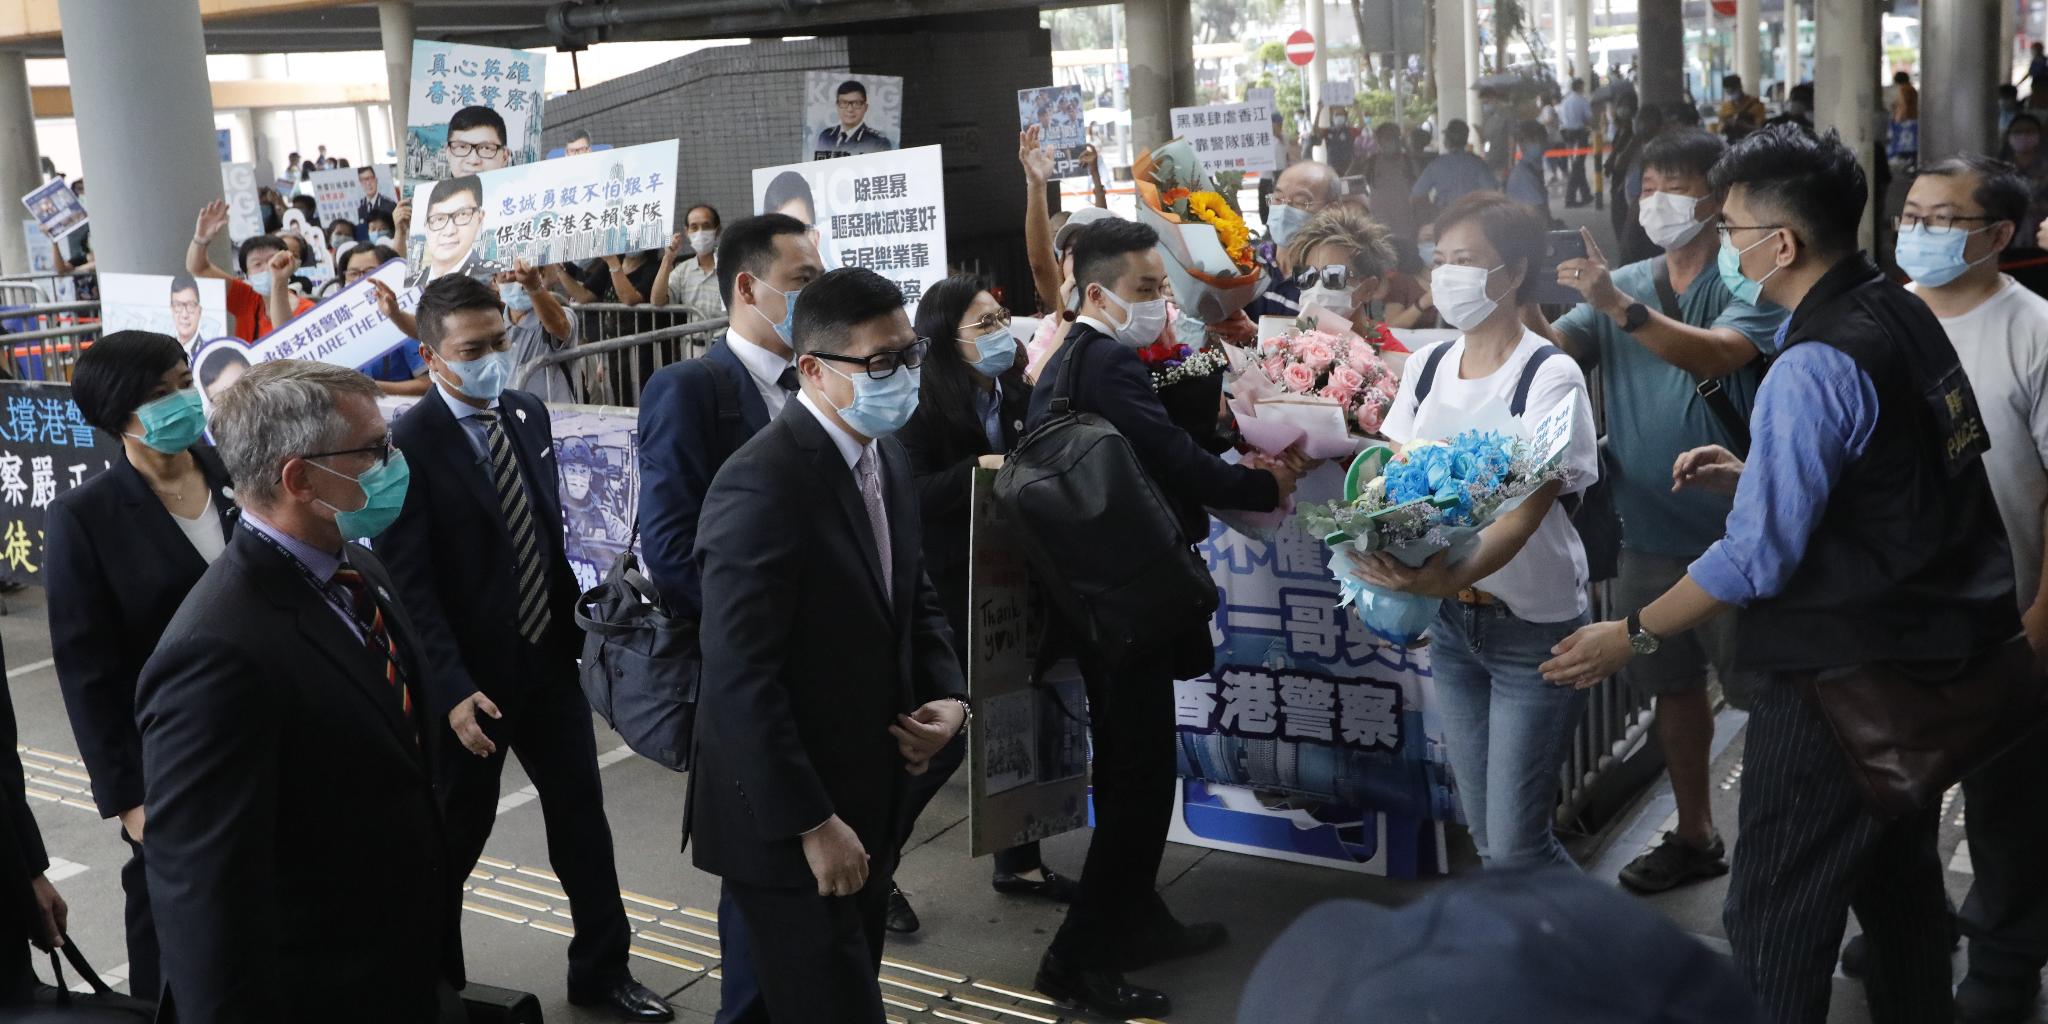 鄧炳強:國安法實施後逾廿人被捕  法例具震懾力